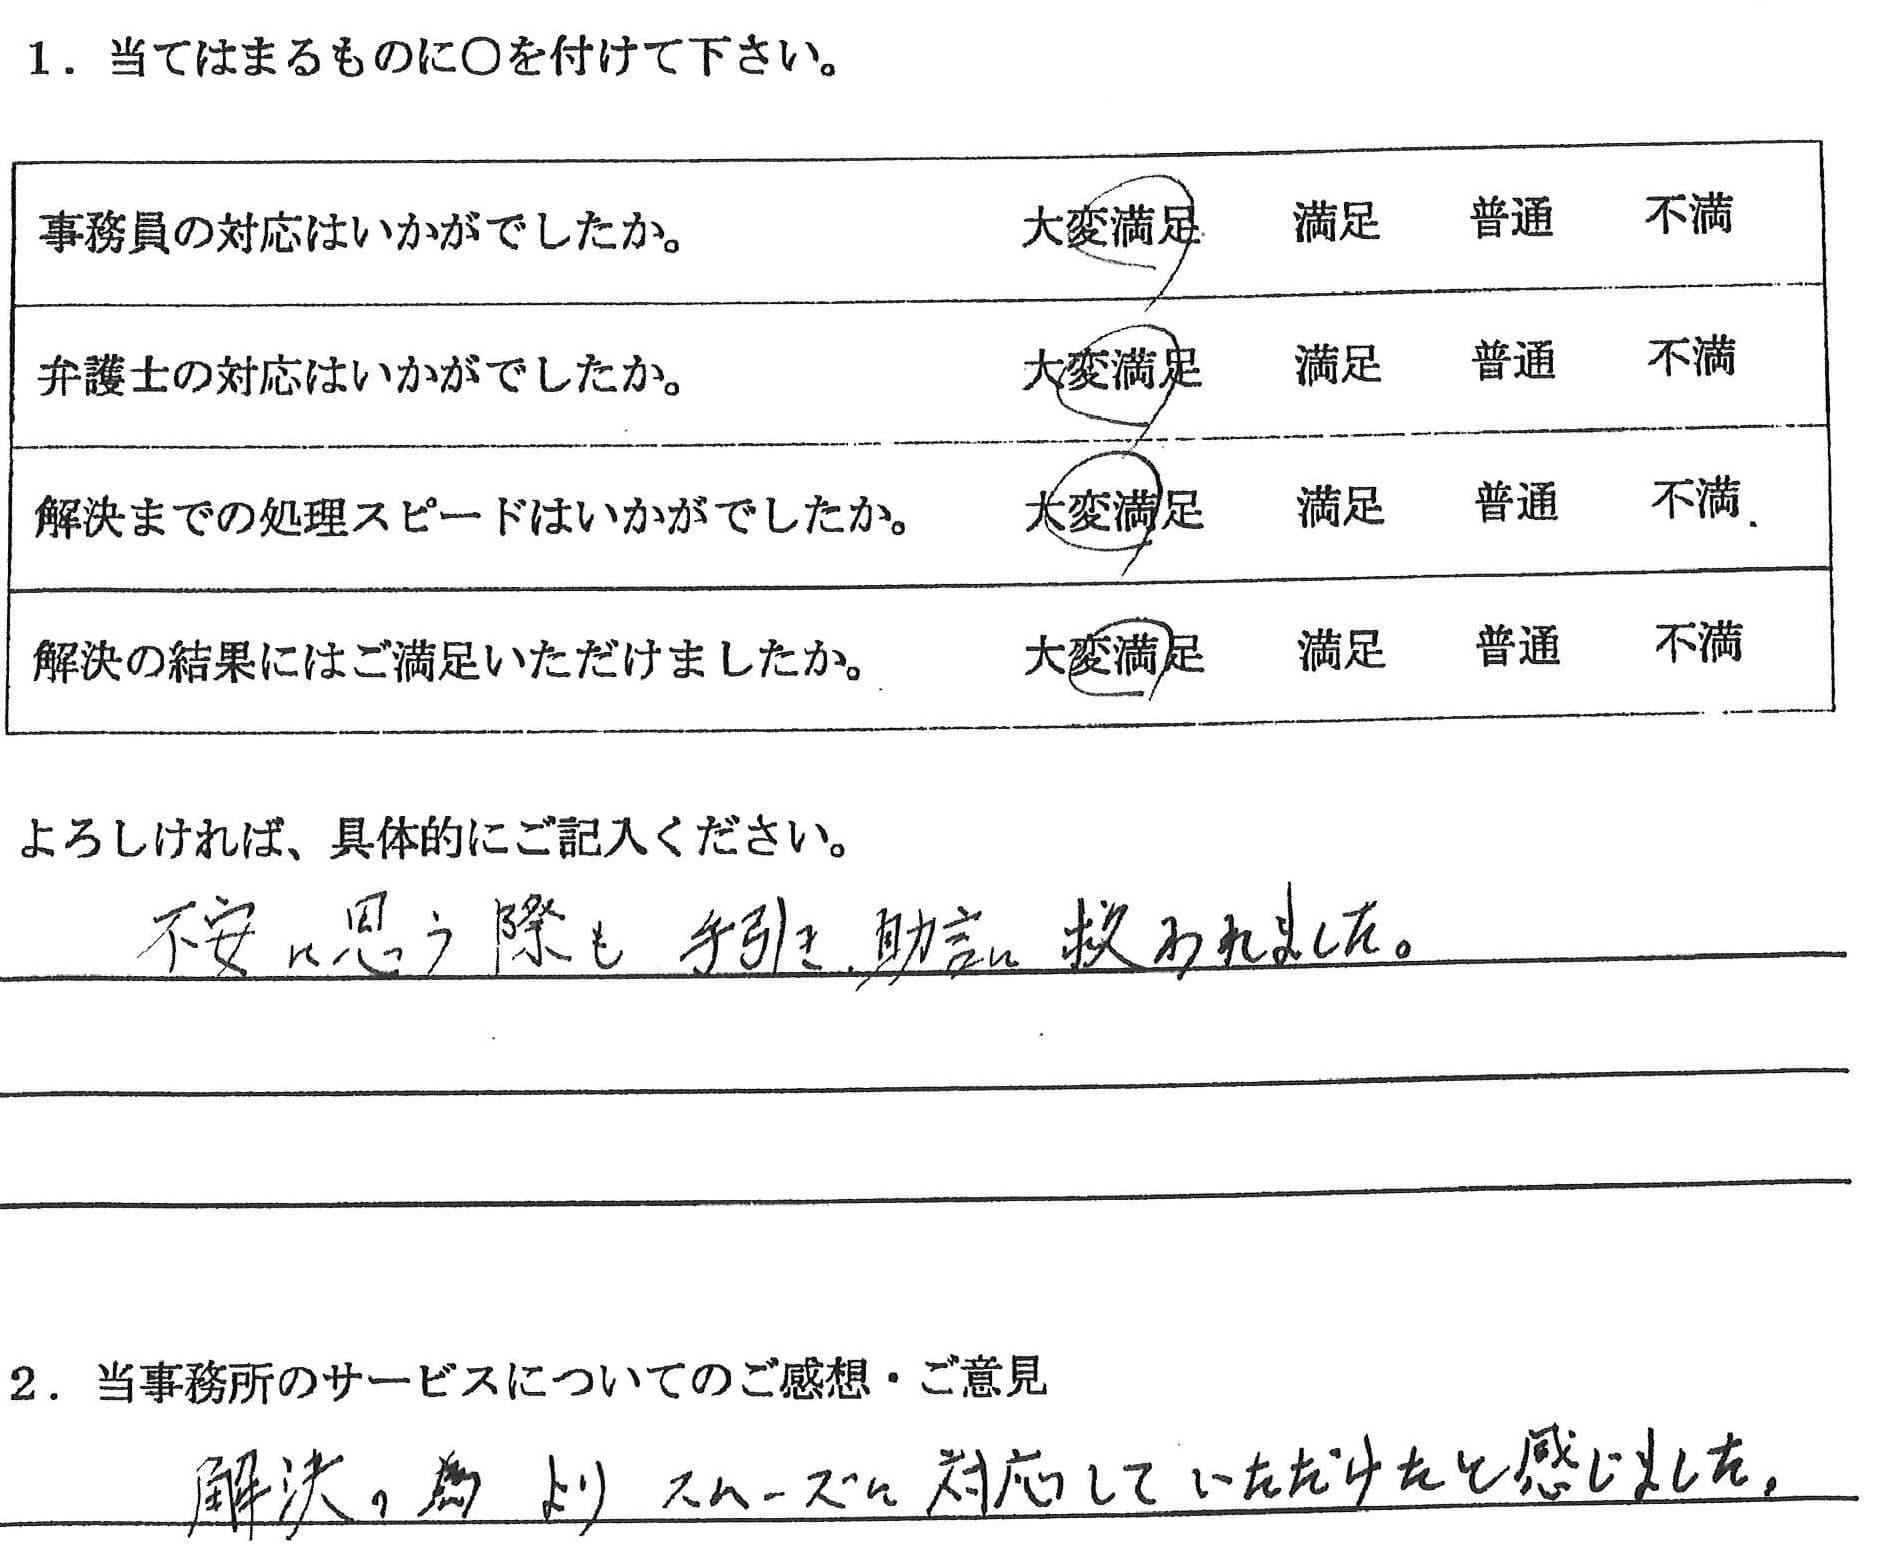 岐阜県岐阜市40代男性(債務整理・破産) : 不安に思う際も手引き、助言に救われました。 解決の為 よりスムーズに対応していただけたと感じました。